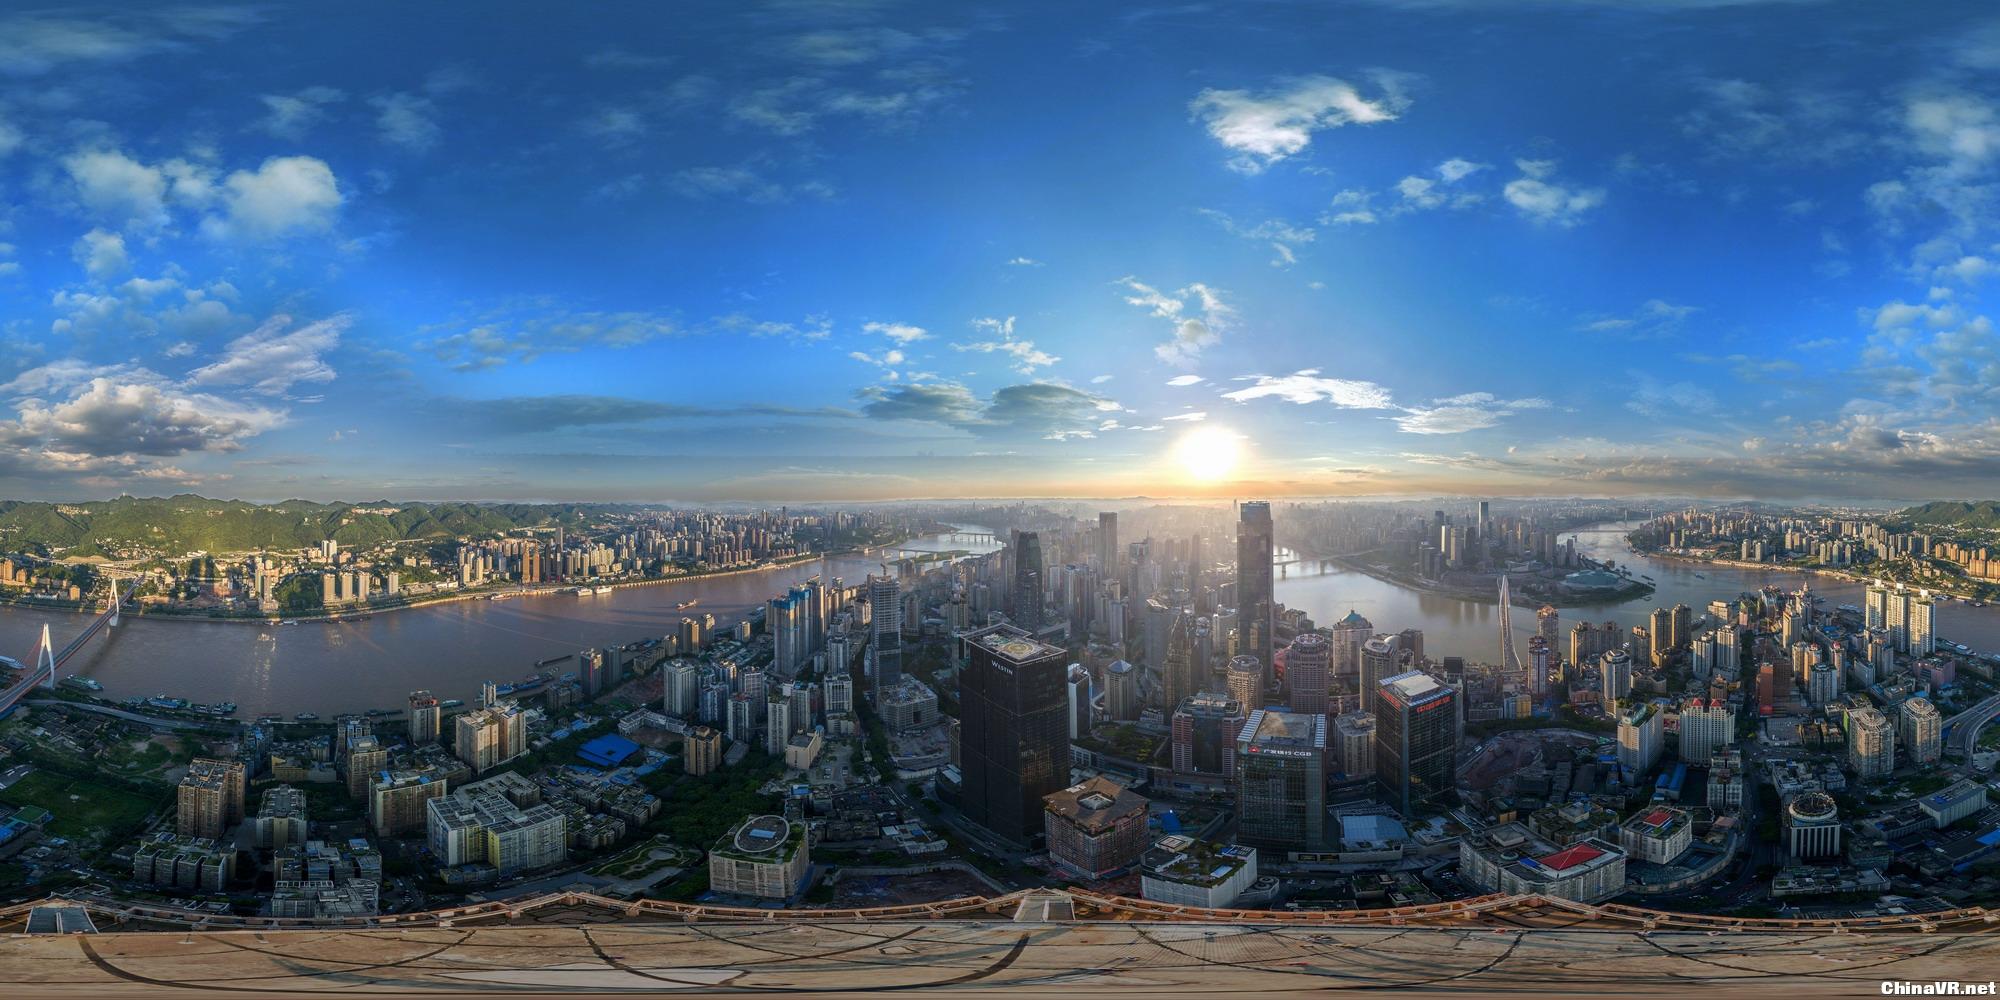 重庆渝中半岛全景——摄于联合国际楼顶停机坪.jpg